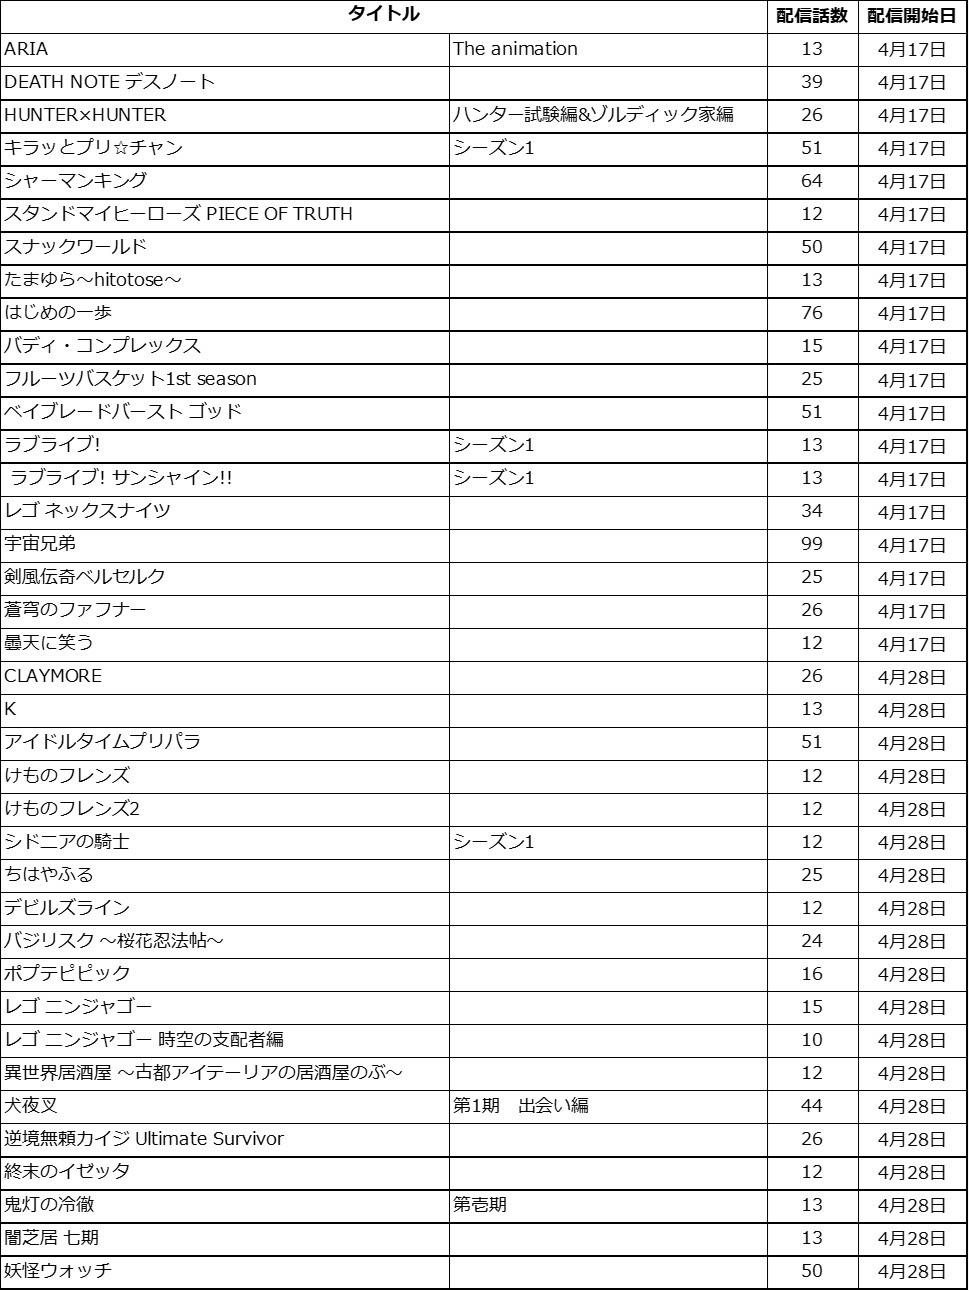 Work list